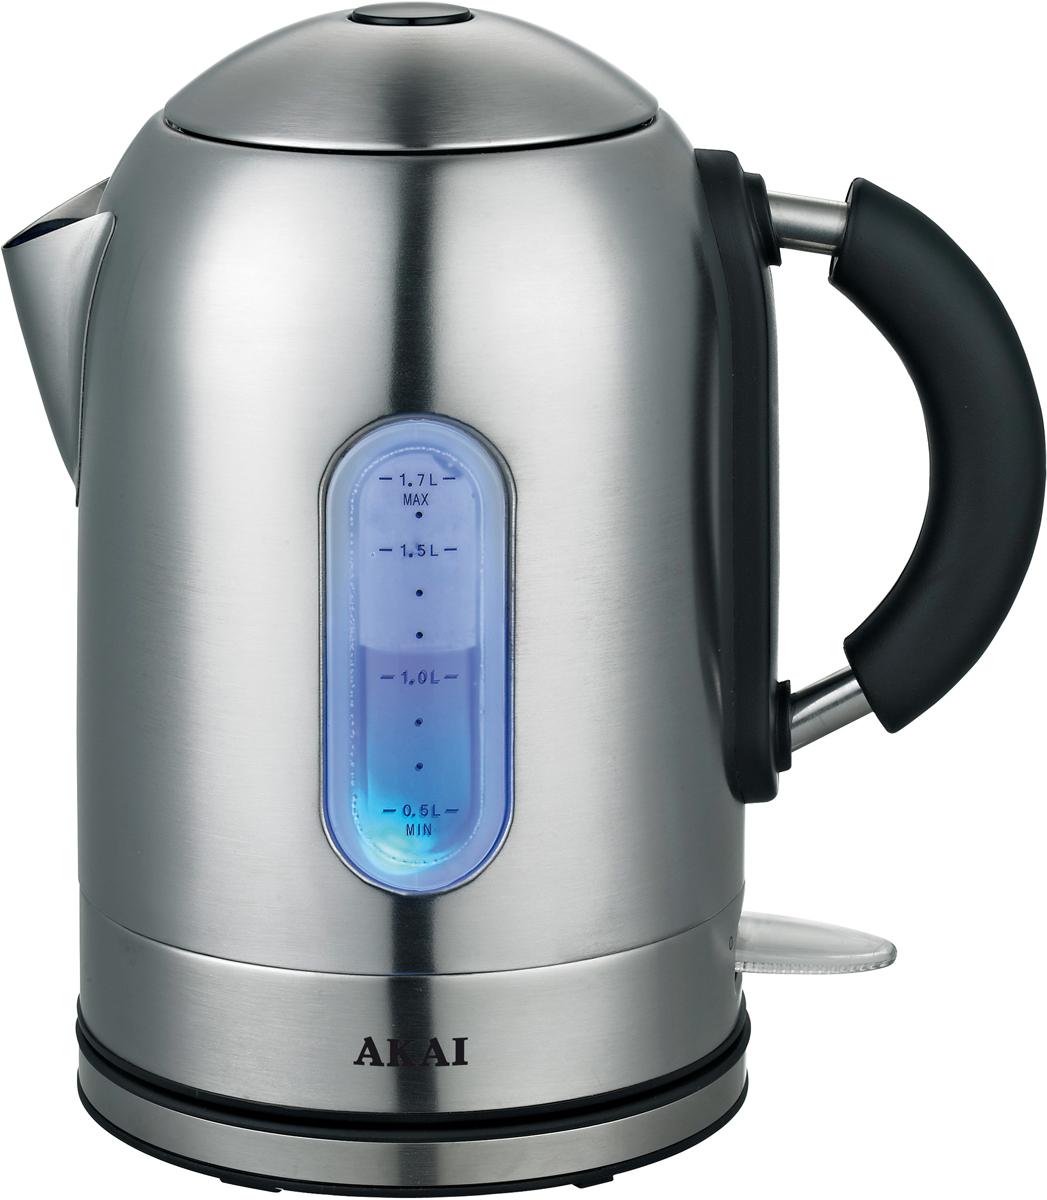 лучшая цена Электрический чайник Akai 1020Х, Silver